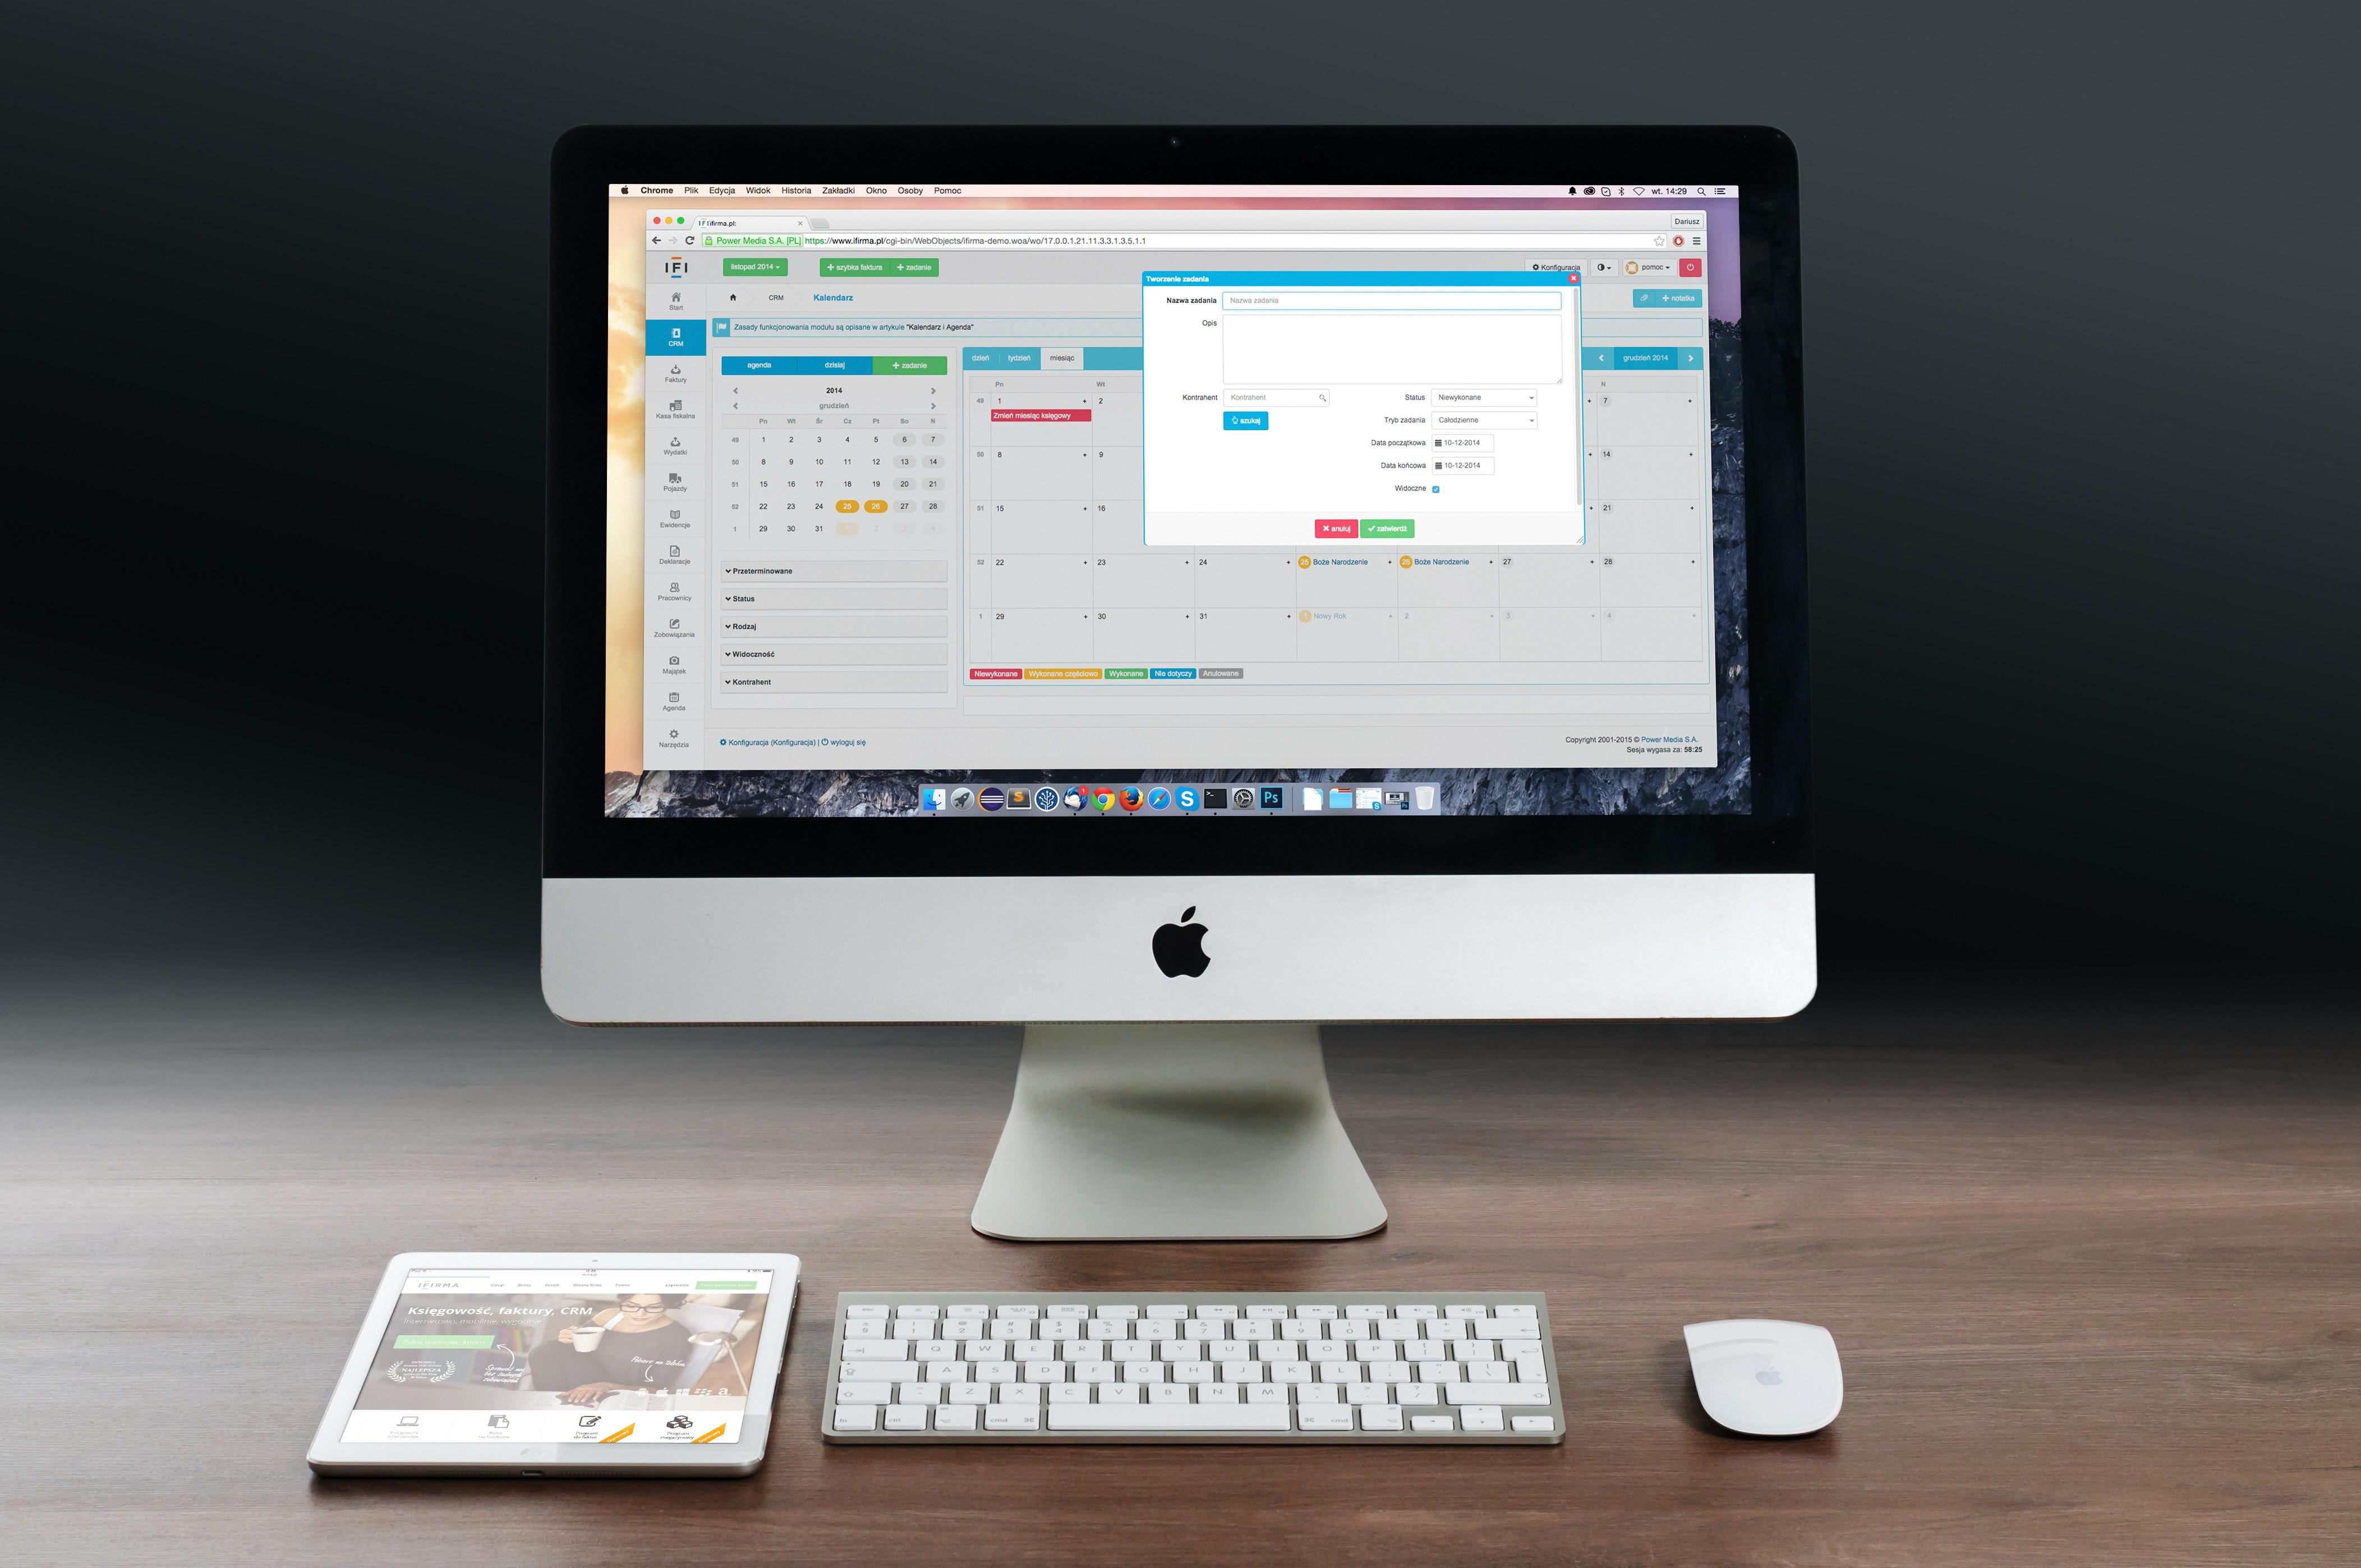 Продающие, конвертирующие страницы интернет-магазина - прототипы, рекомендации по структуре и содержанию